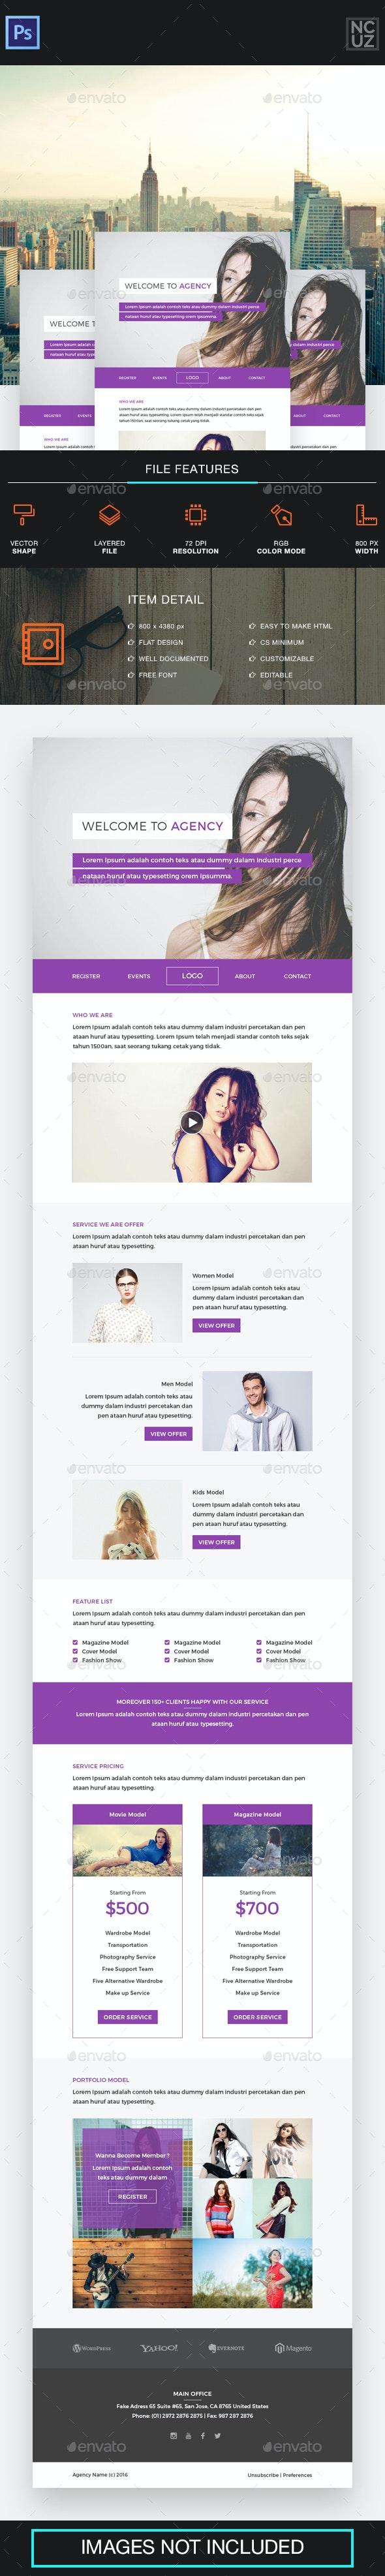 Model Agency E-newsletter